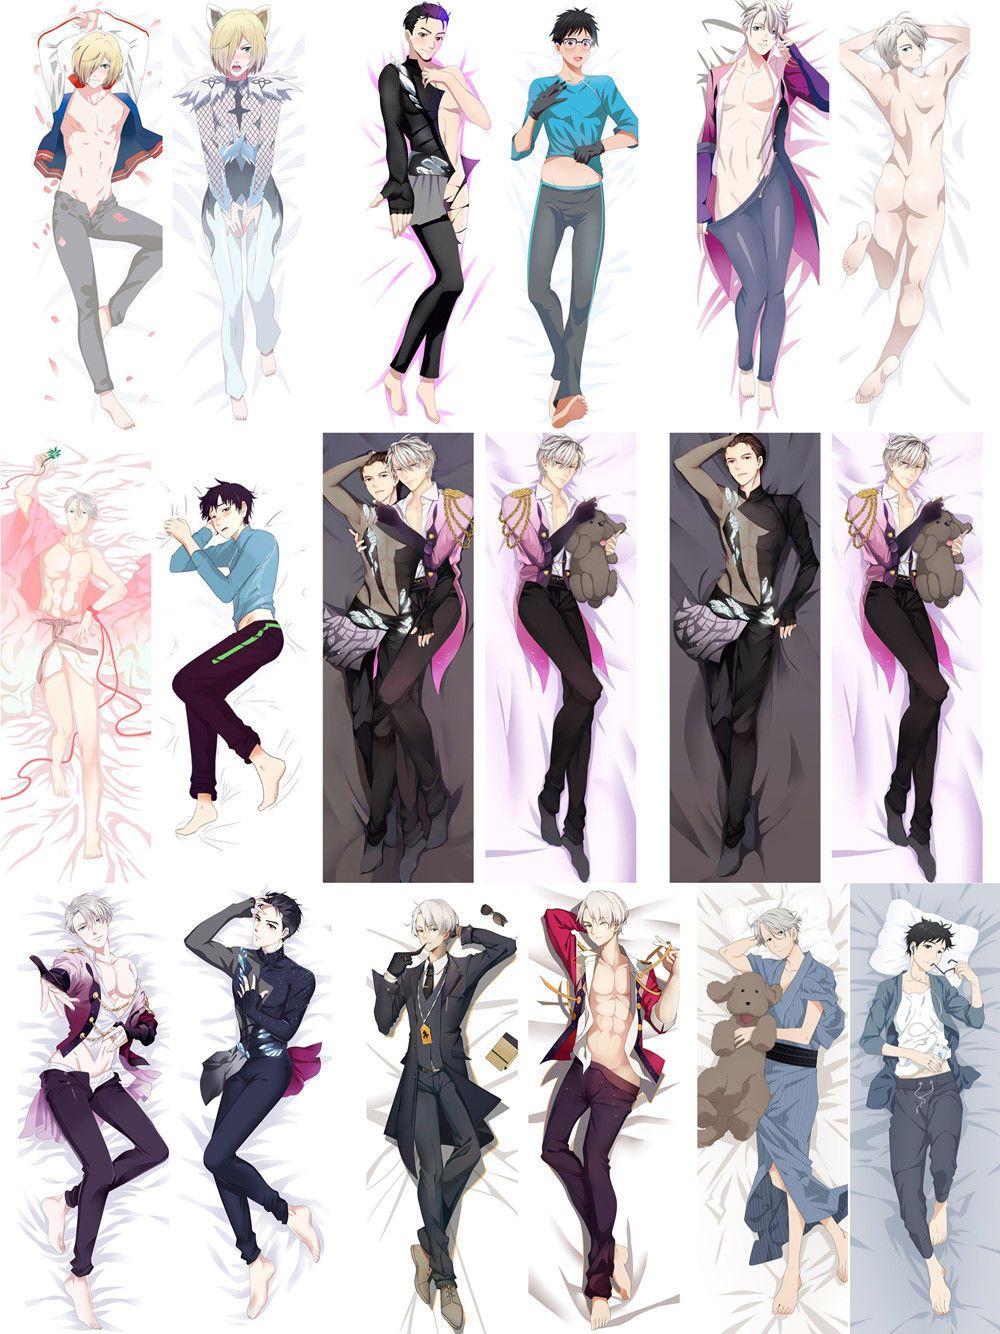 EVA Dakimakura Asuka Langley Soryu Anime Girl Hugging Body Pillow Case Cover